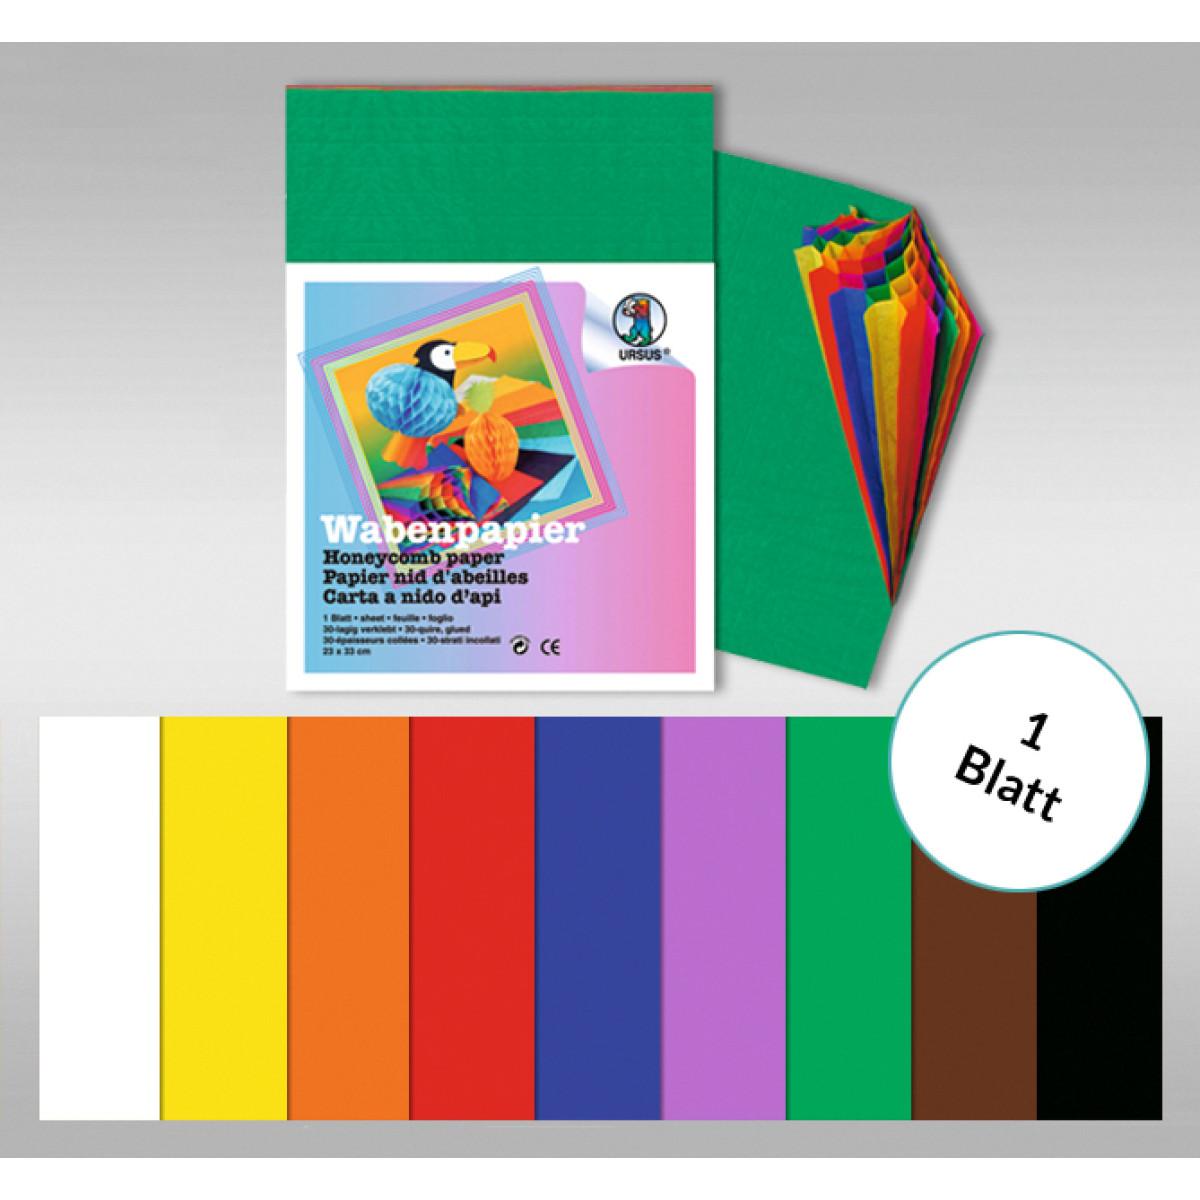 Regenbogen-Wabenpapier 34,5 x 49,5 cm - 1 Blatt